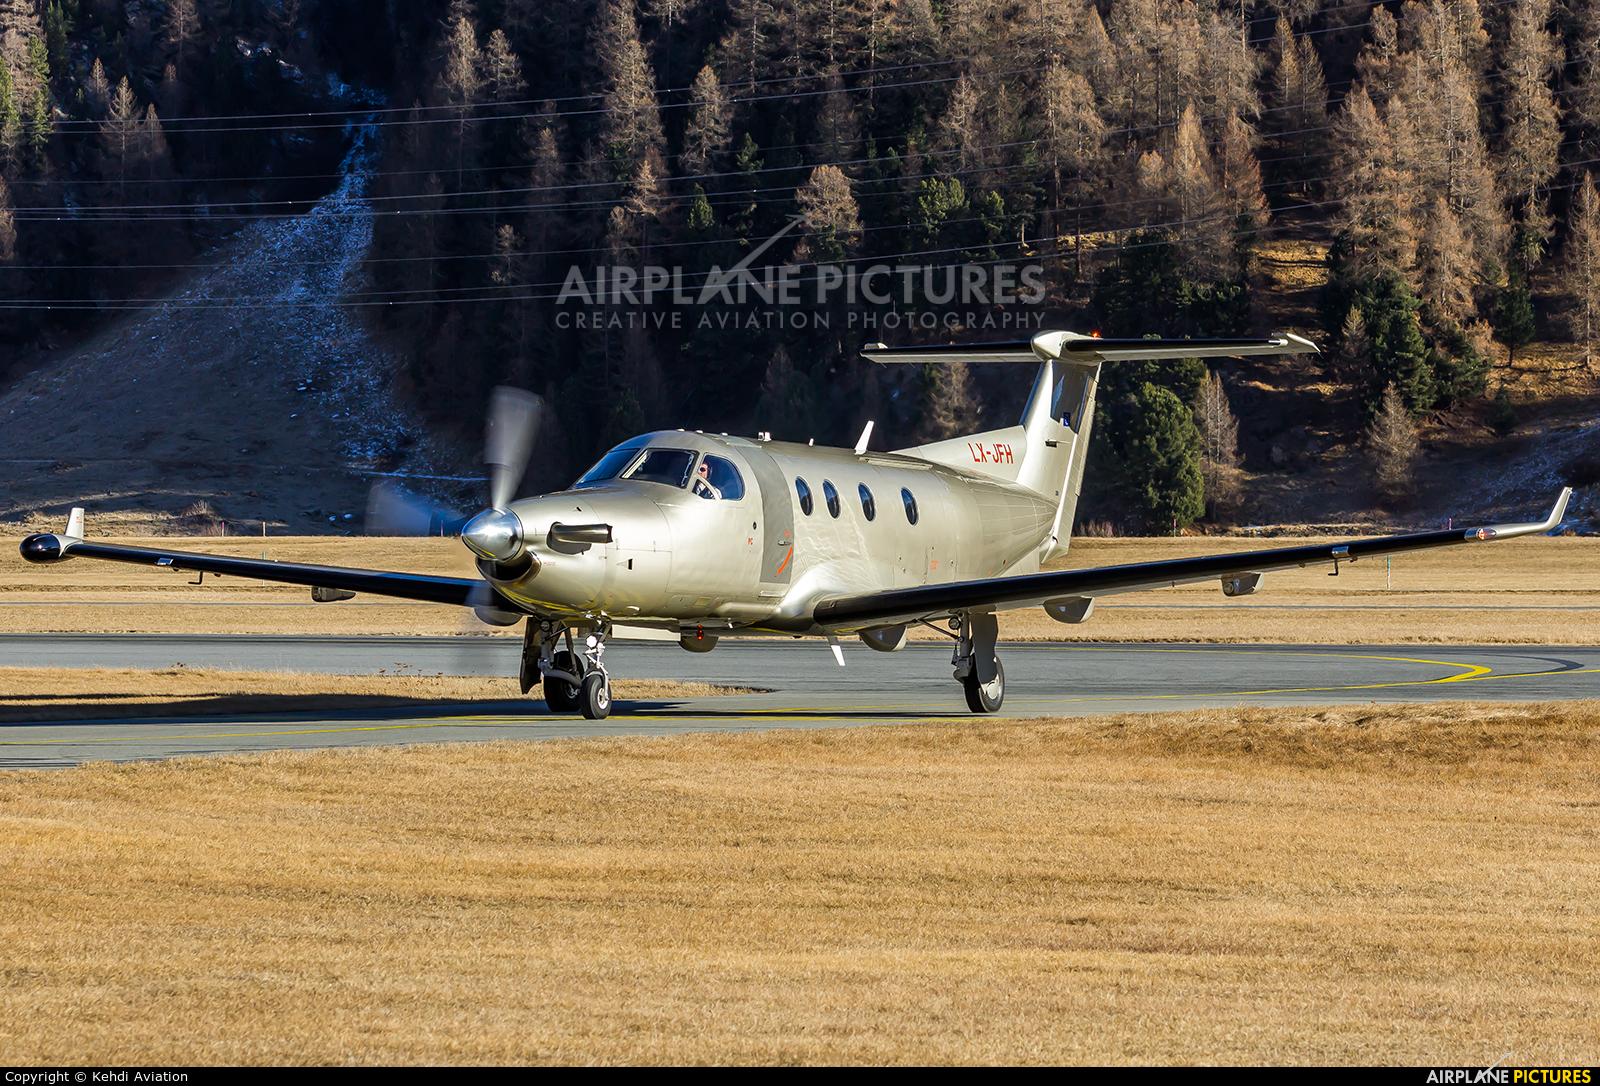 Jetfly Aviation LX-JFH aircraft at Samedan - Engadin